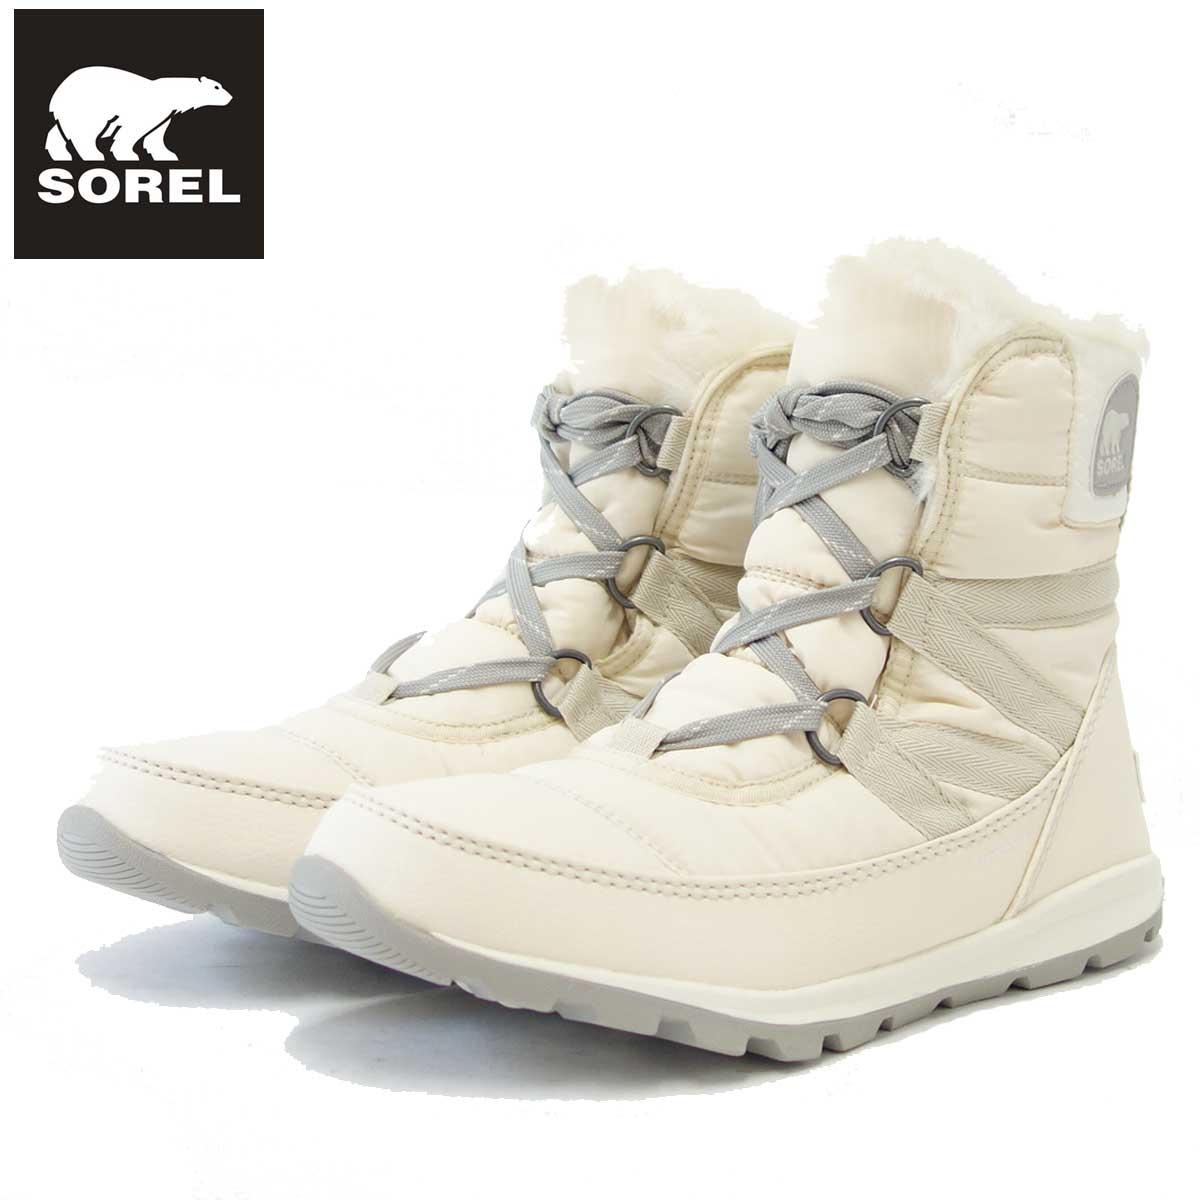 ソレル SOREL NL 2776(レディース) ウィットニーショートレース:Fawn (920) 保温性・撥水性抜群の快適ウィンターブーツ 「靴」